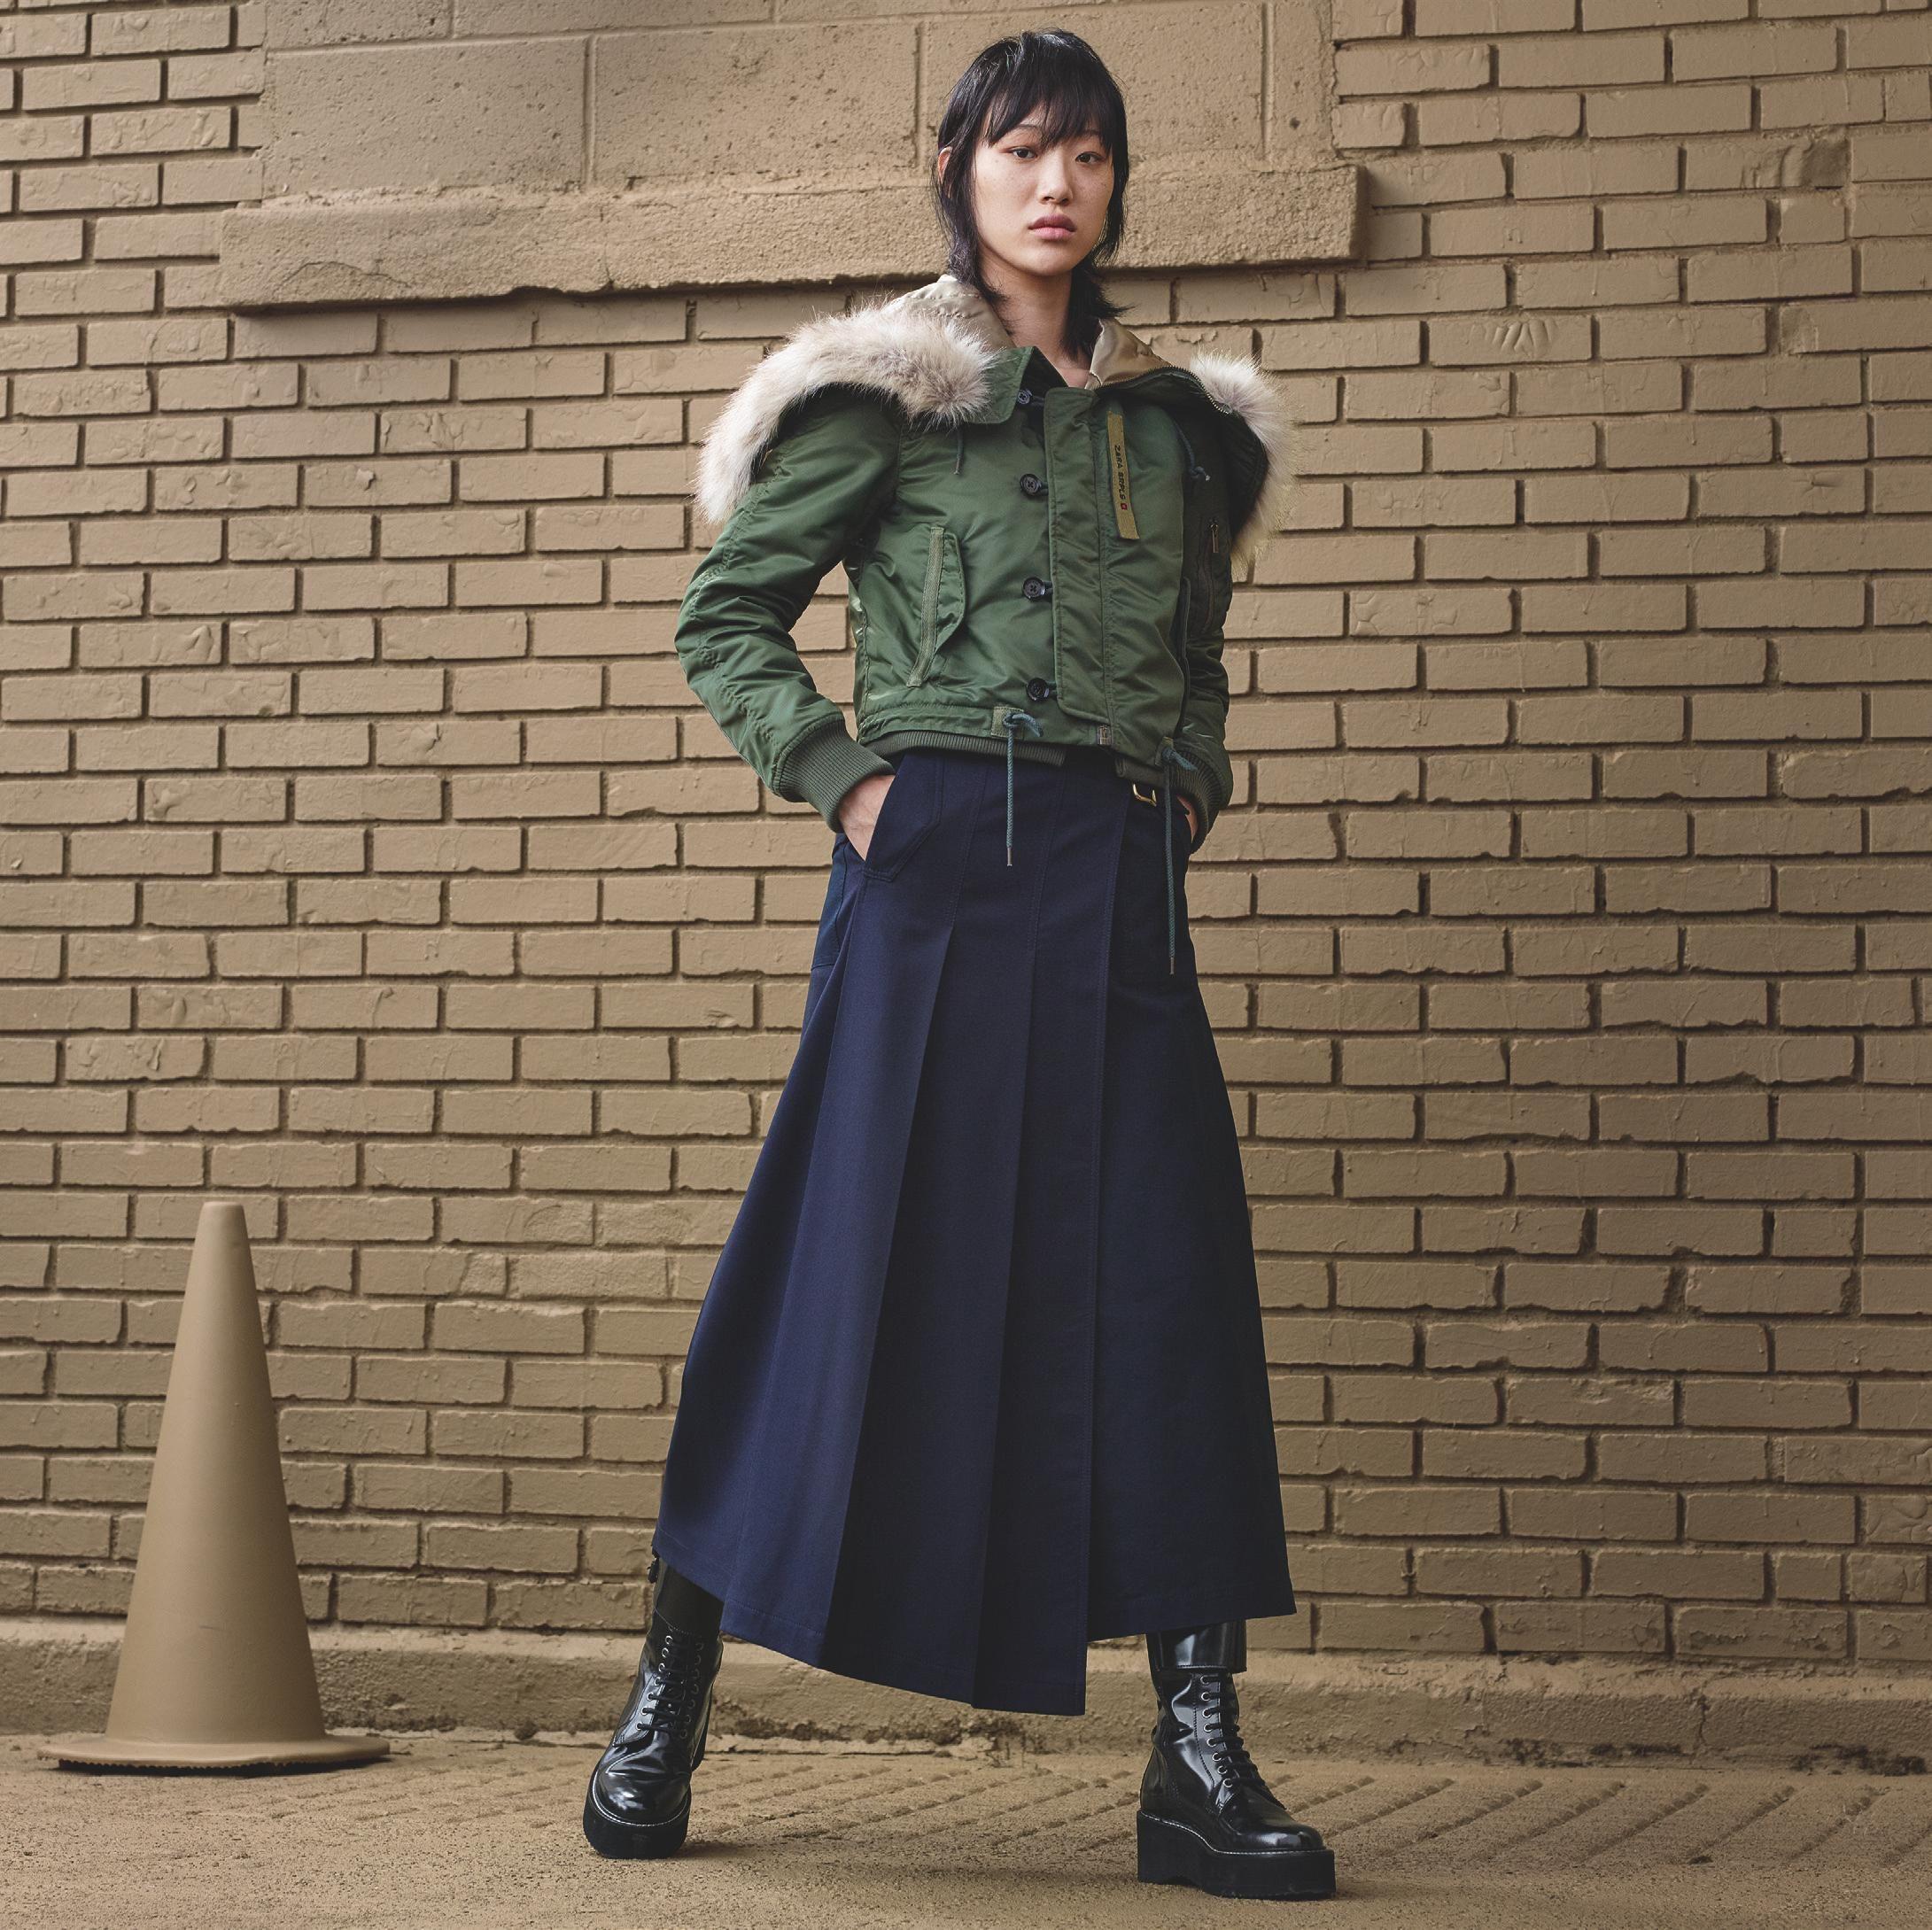 Zara SRPLS regresa con más fuerza que nunca con su 3ª colección